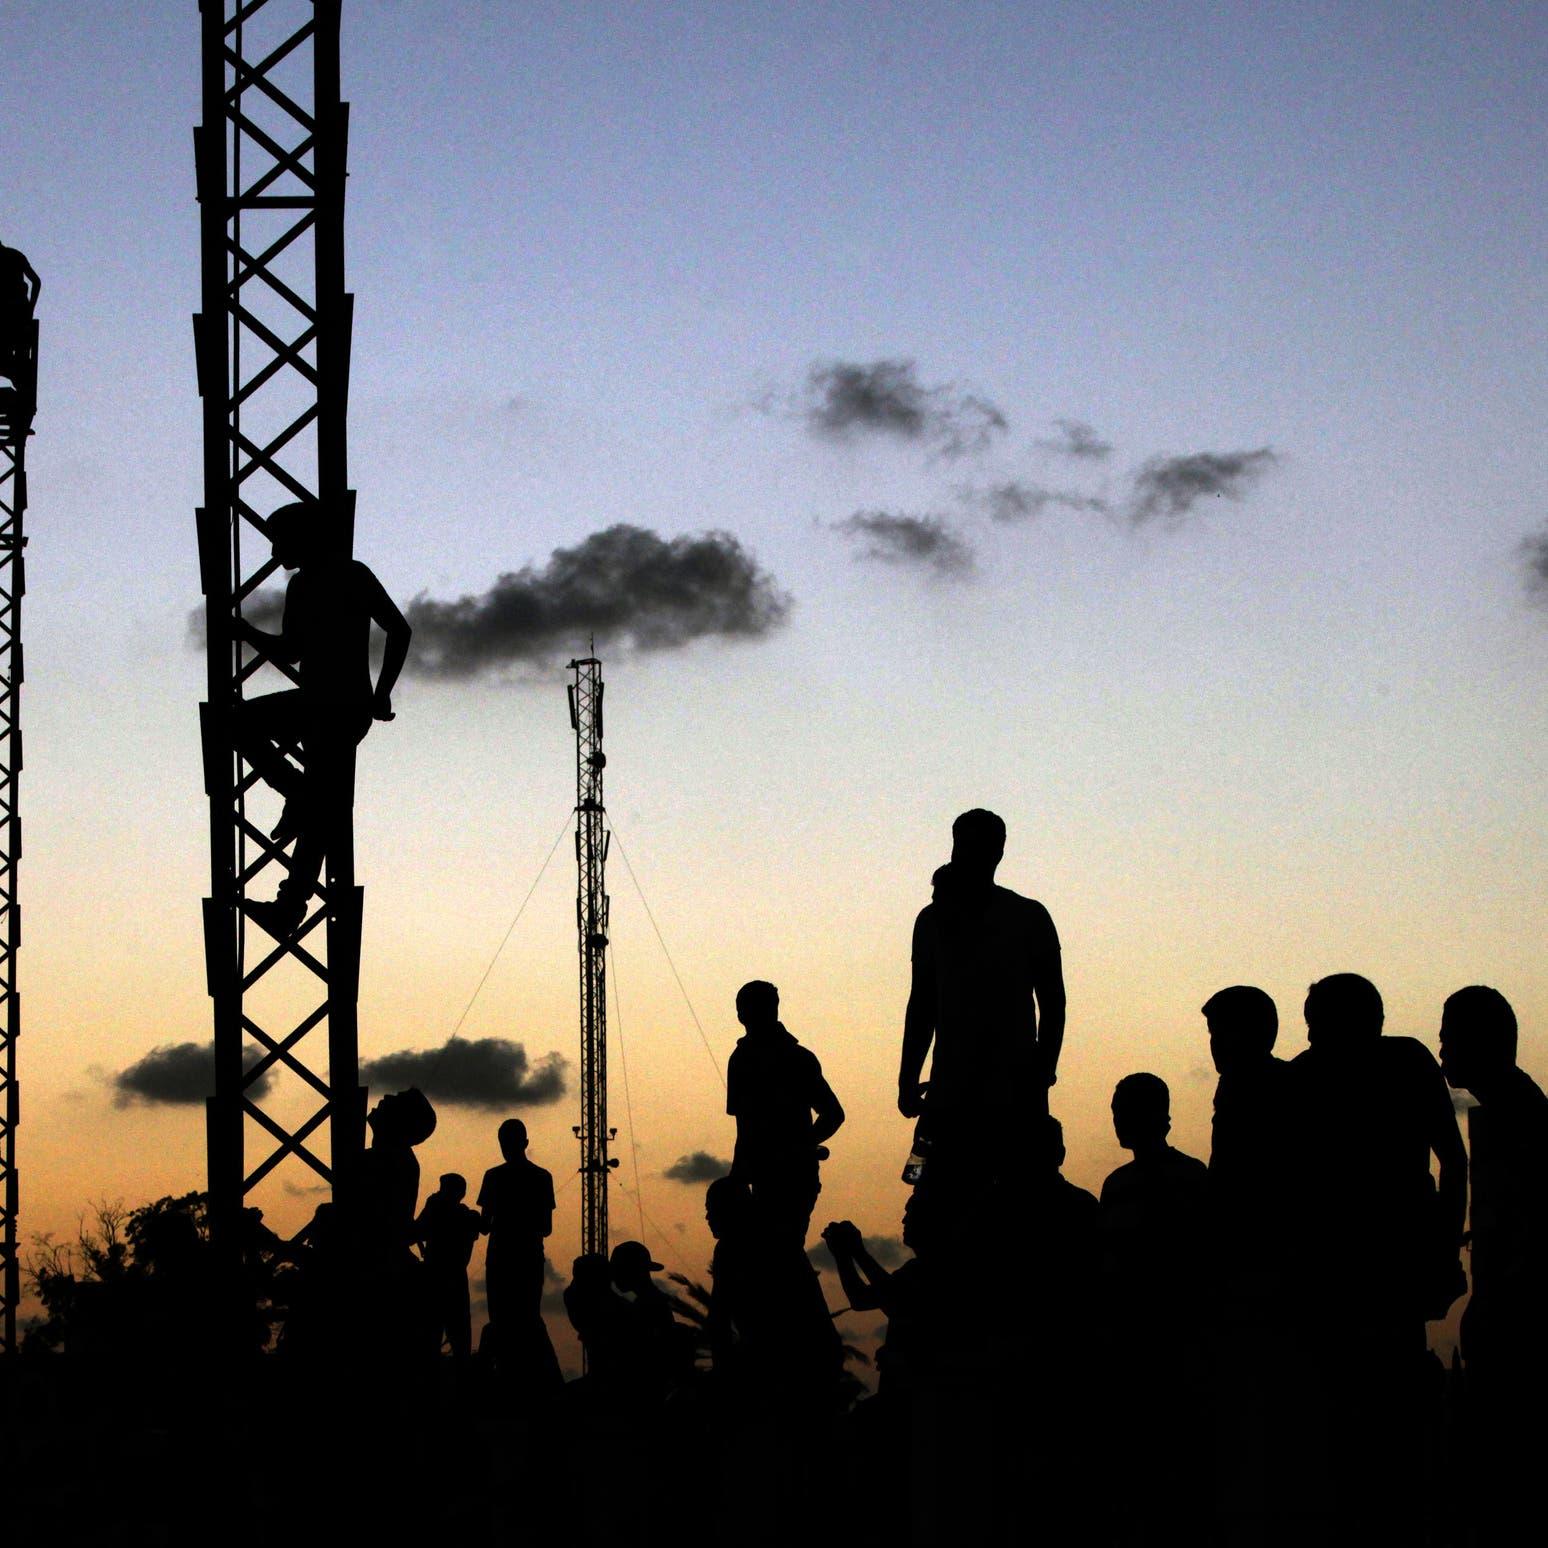 سيمنس تعود إلى ليبيا بمشاريع كهرباء بـ700 مليون يورو